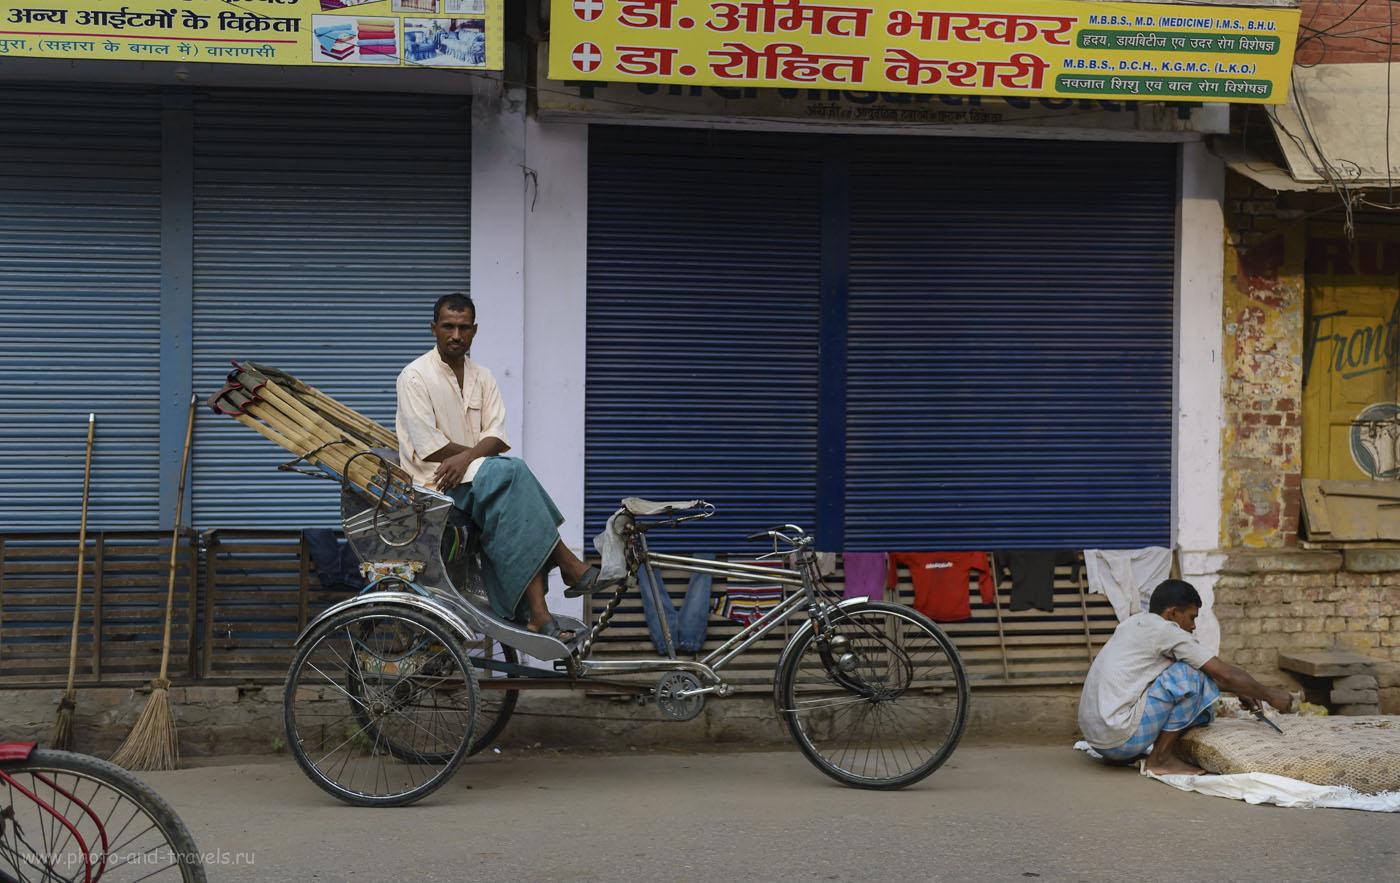 Фотография 21. Ну что поделать, если рикши – самый часто встречаемый народ на улицах Варанаси? Отзыв о поездке в Индию самостоятельно. 1/1600, 2.8, 250, 40.